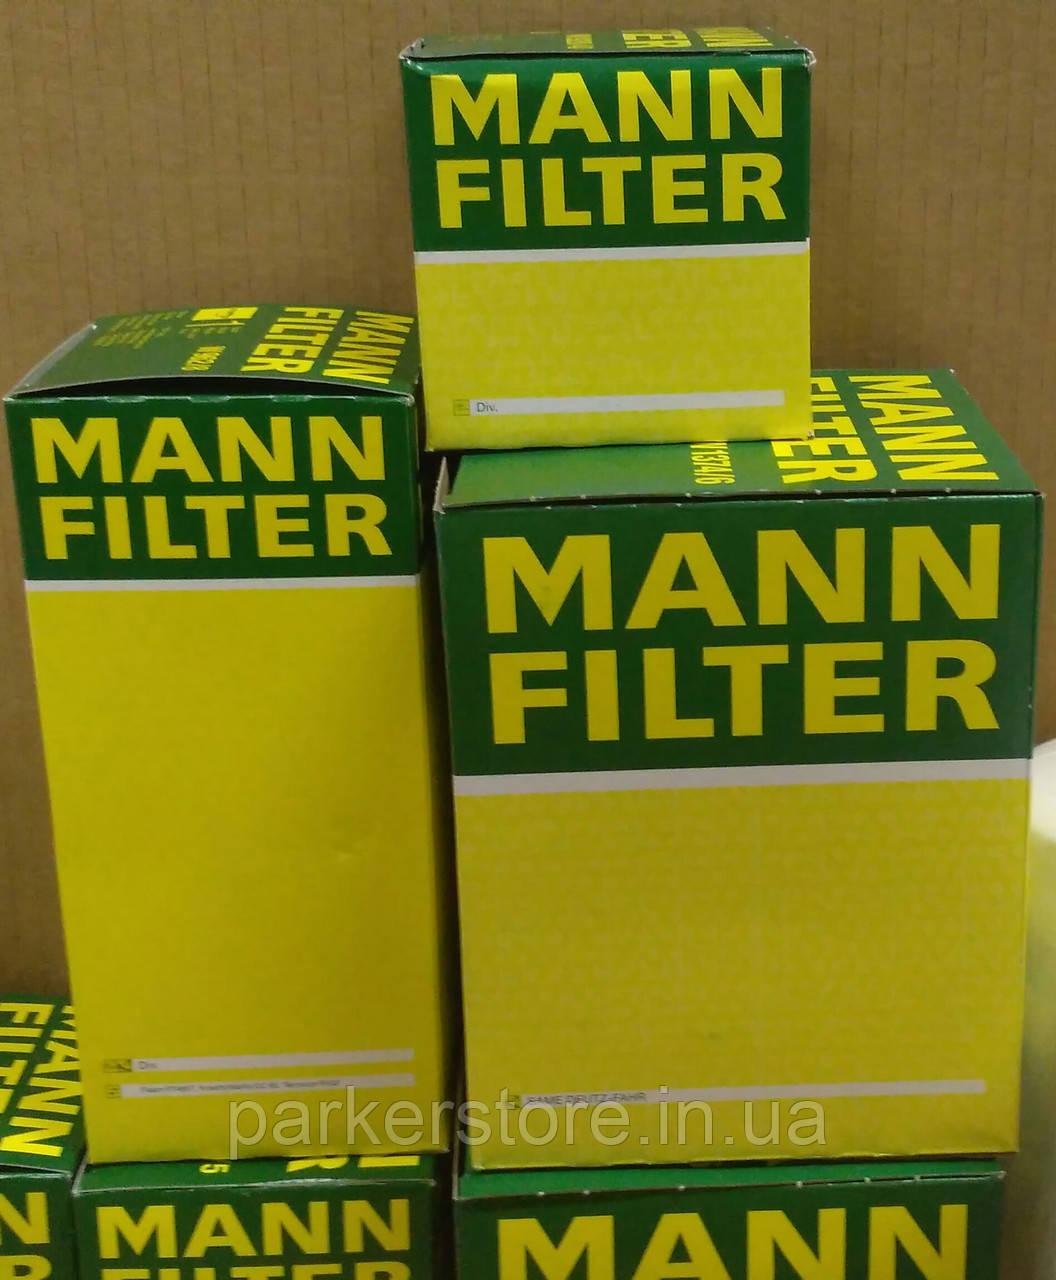 MANN FILTER / Повітряний фільтр / C 2740 / C2740